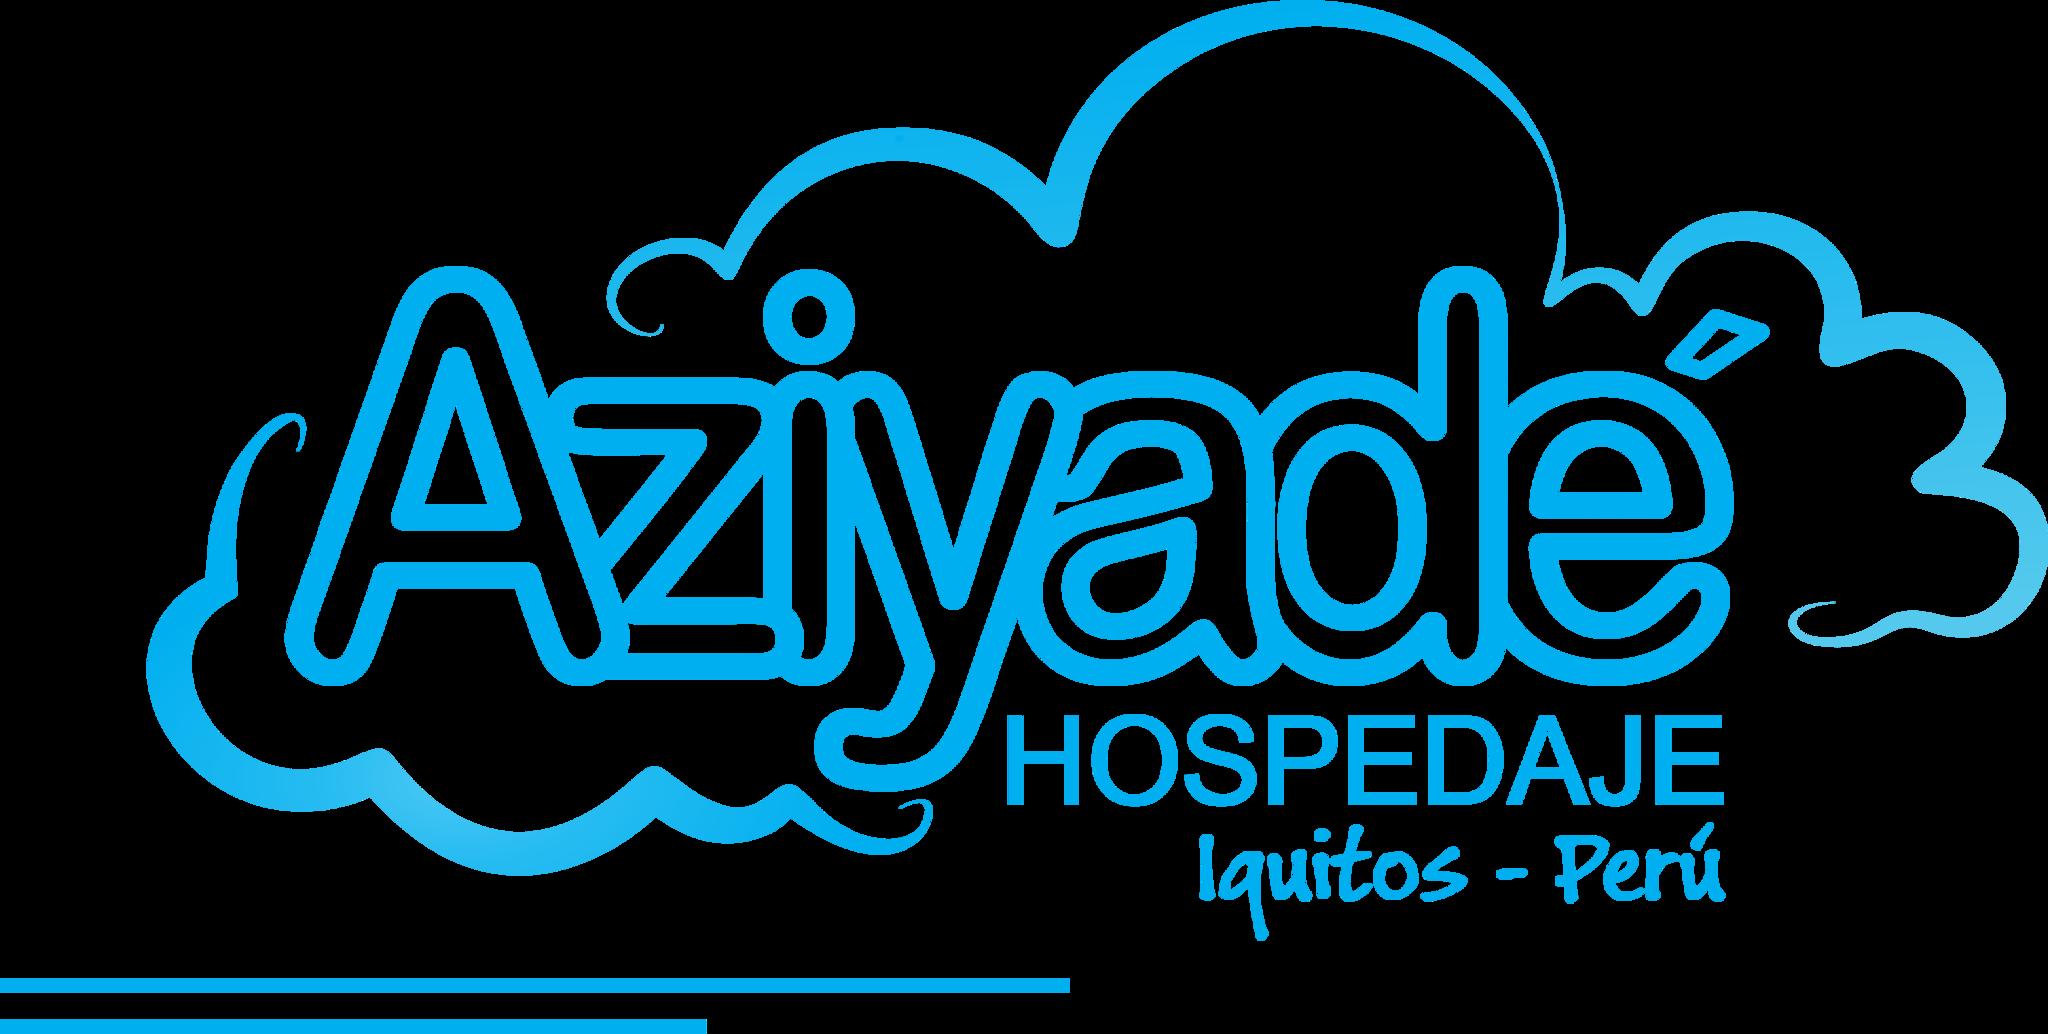 霍斯佩戴杰阿泽亚达宾馆